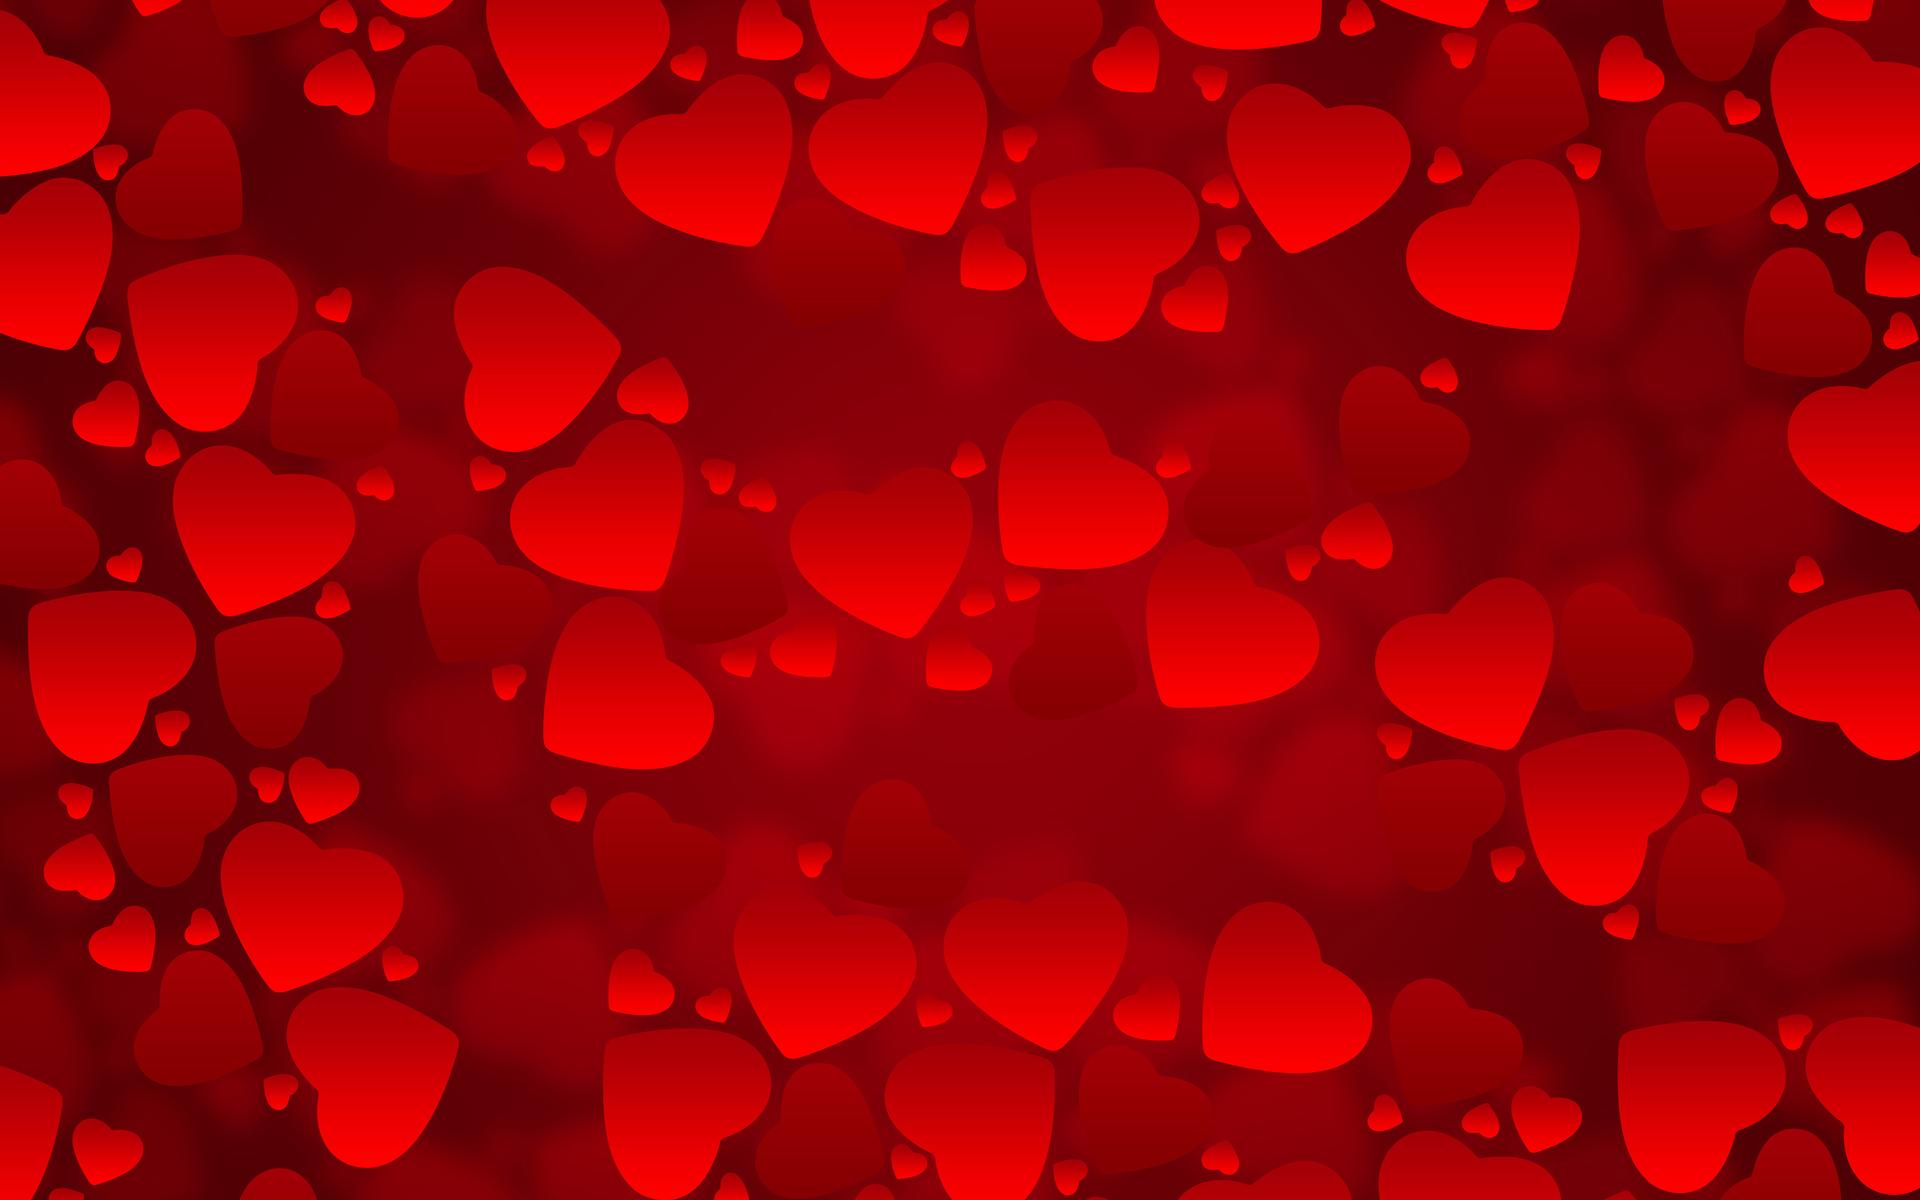 خلفيات قلوب حب HD 2013 - صور رومانسية - صورة حب